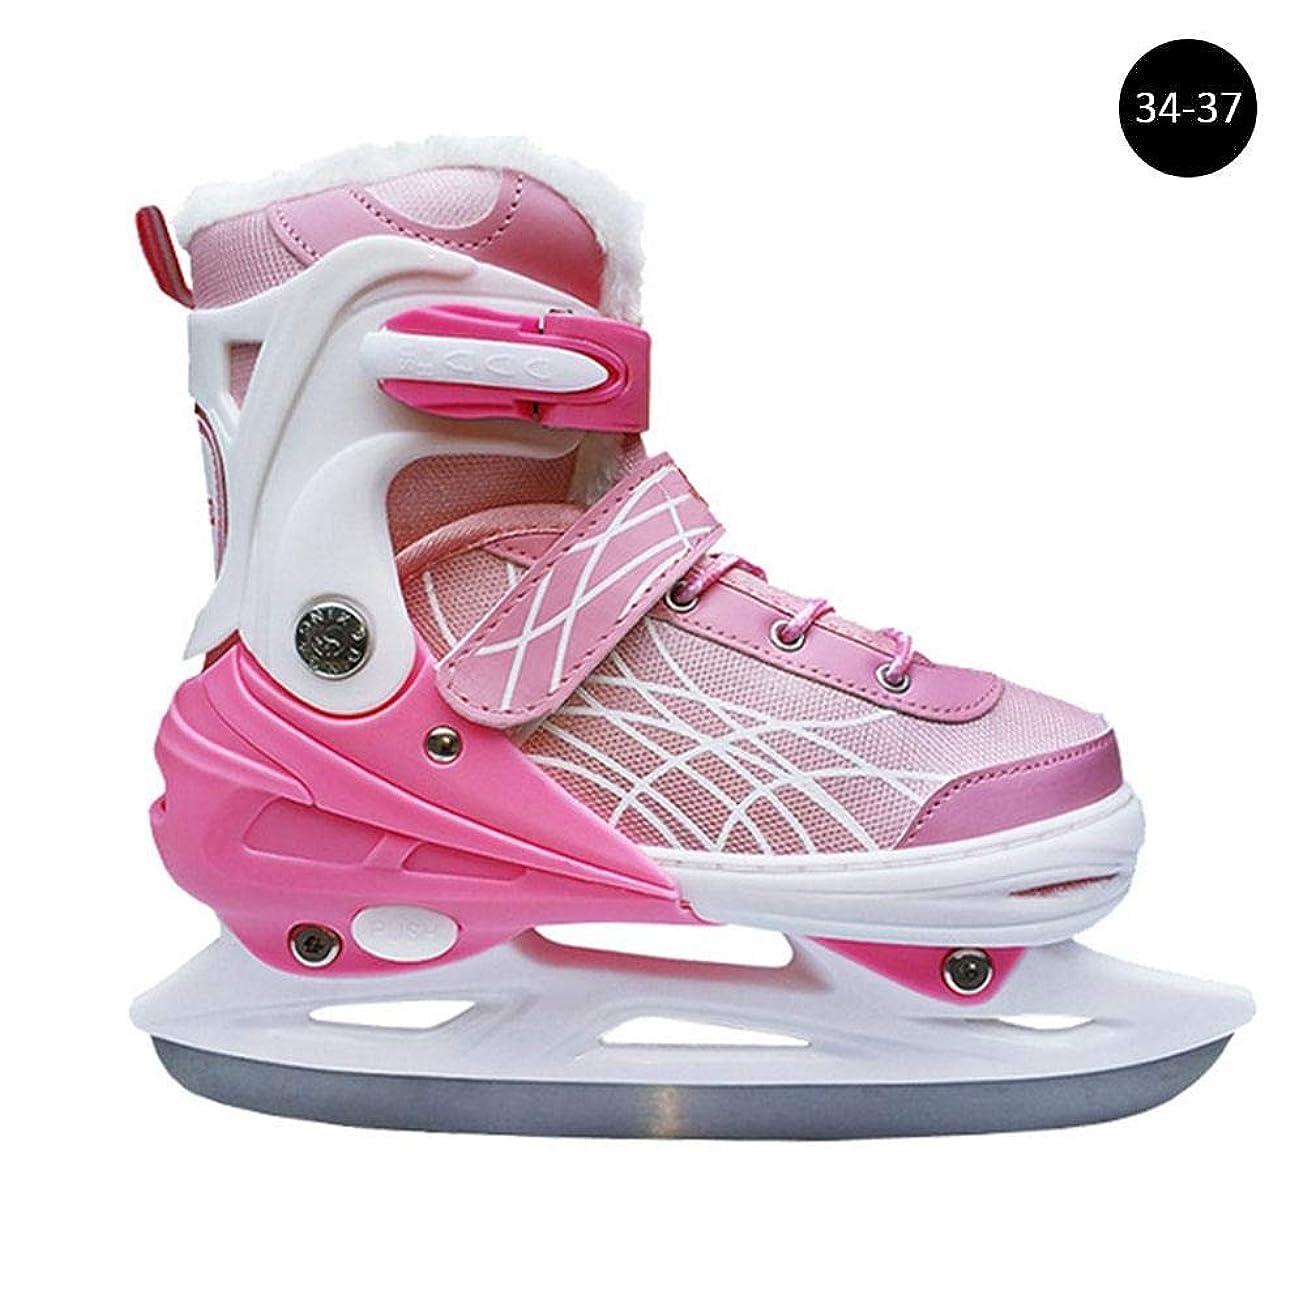 マニア出撃者フリッパースケート フィギュアスケート靴 フィギュアスケート 4速調整可能 防寒 脱臭 吸汗 通気性 保温 厚い レディース/メンズ アイススケート スケート靴